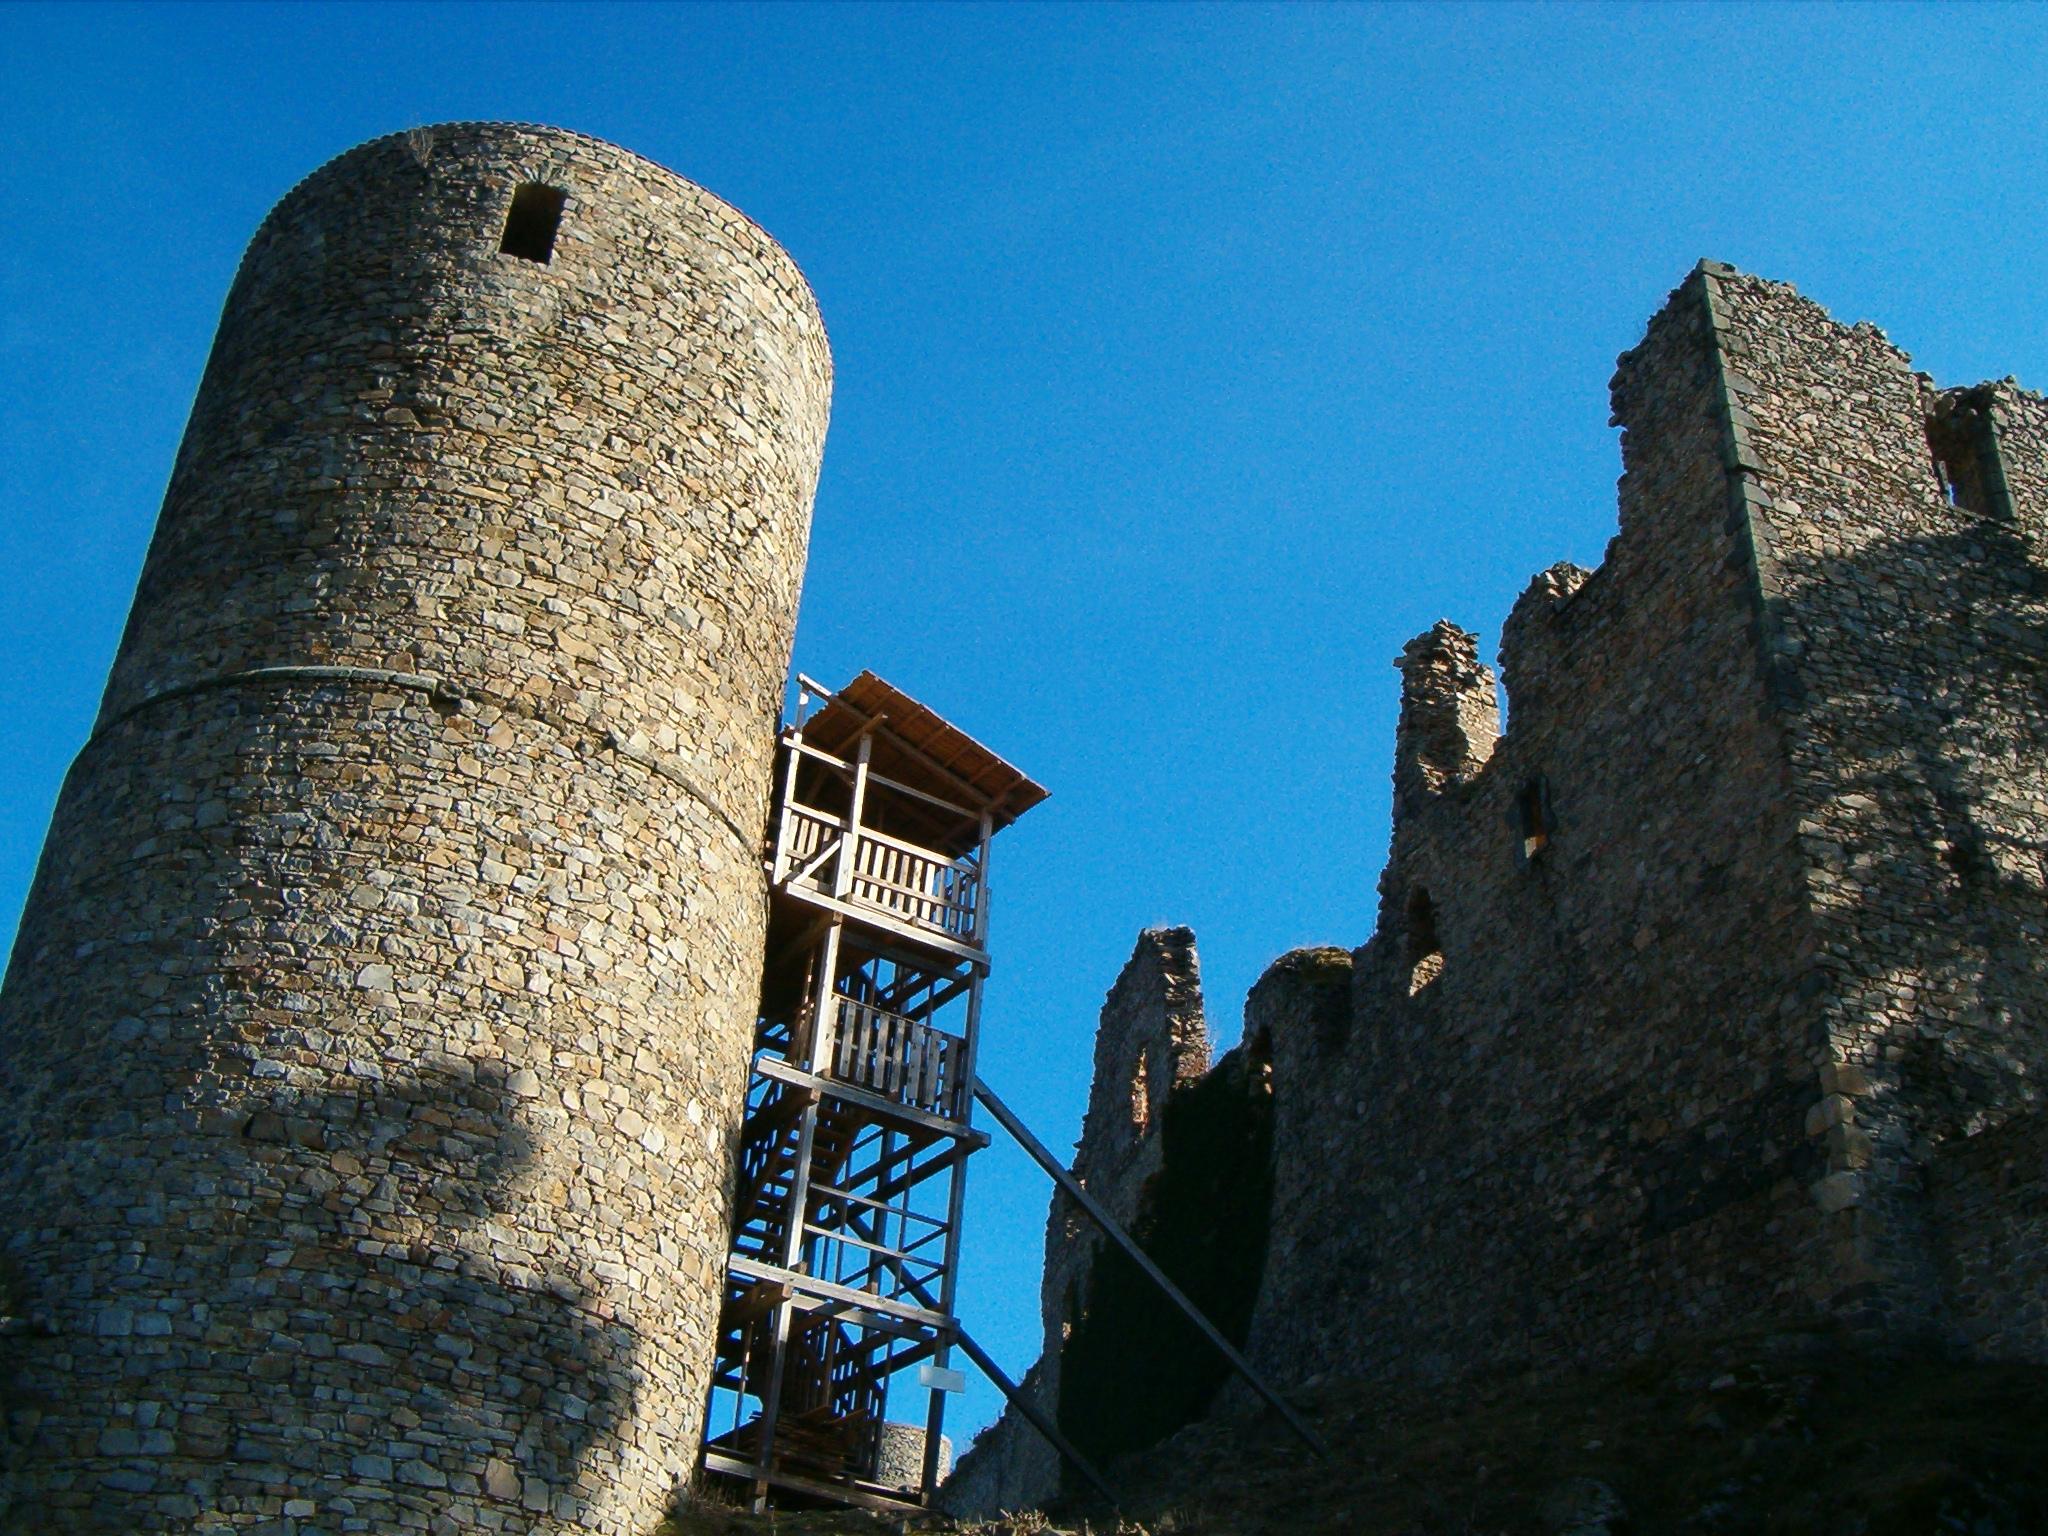 Švecburg aneb středověk neskončil...